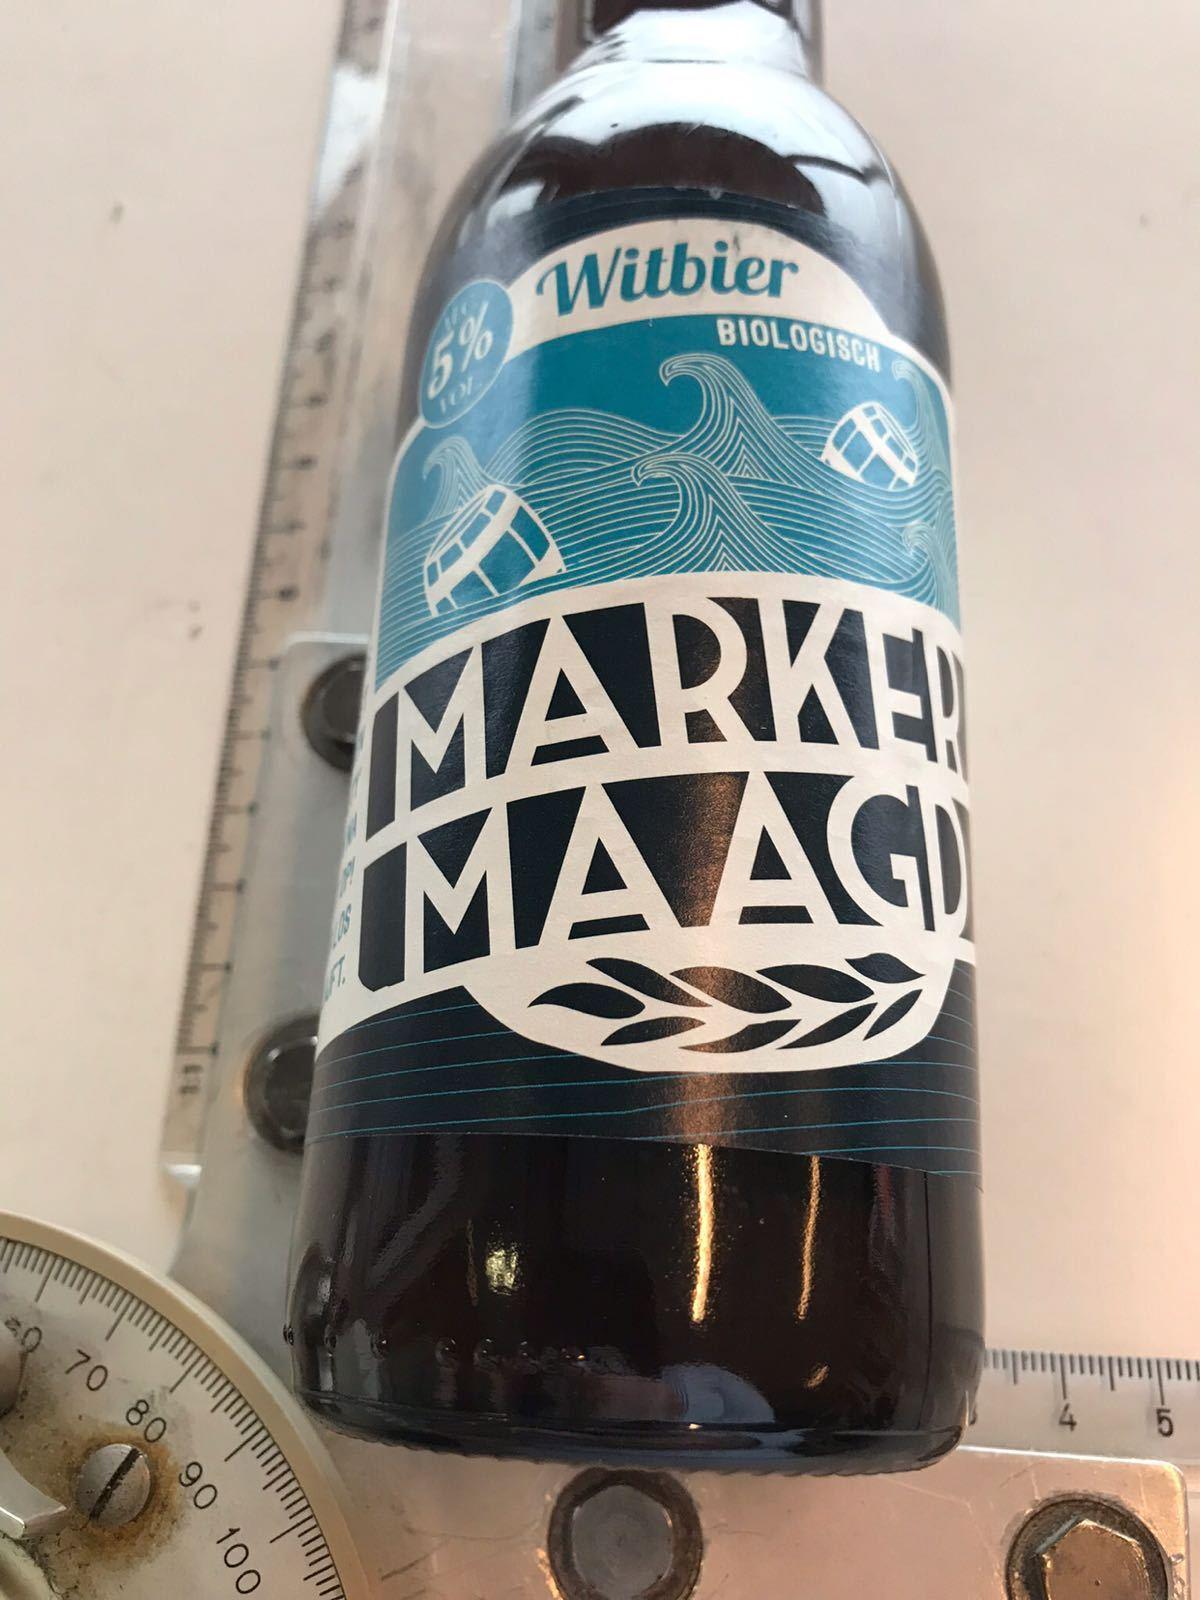 Marker Maagd van Waterland Brewery